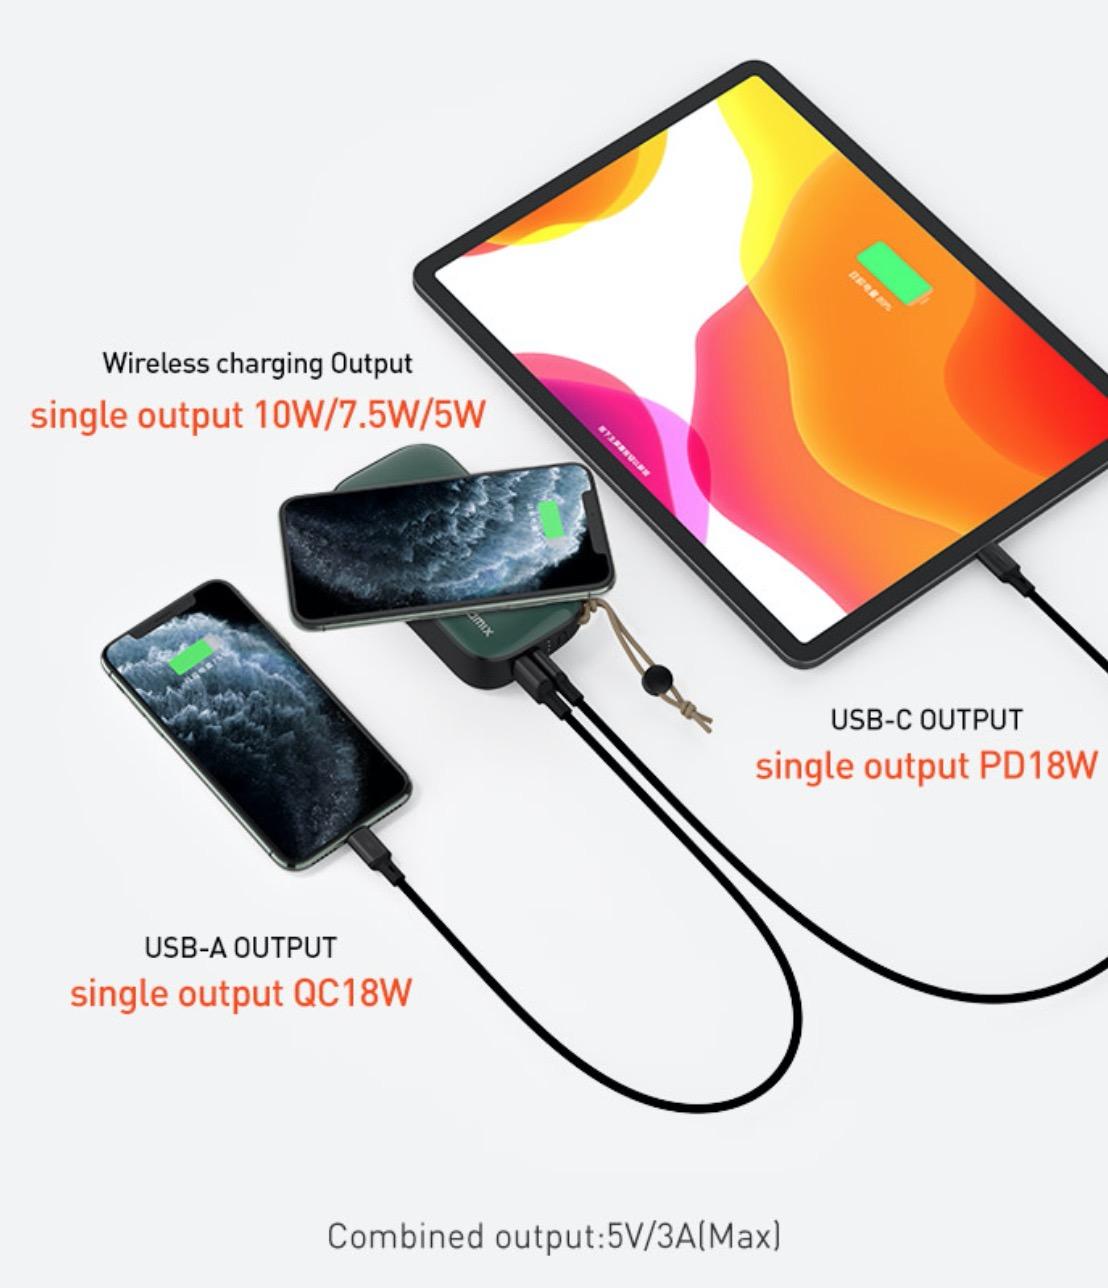 コンセント・モバイルバッテリー・ワイヤレス充電・トラベルプラグが4 in 1になったハイブリッドチャージャー「Mr. Charger 2.0」